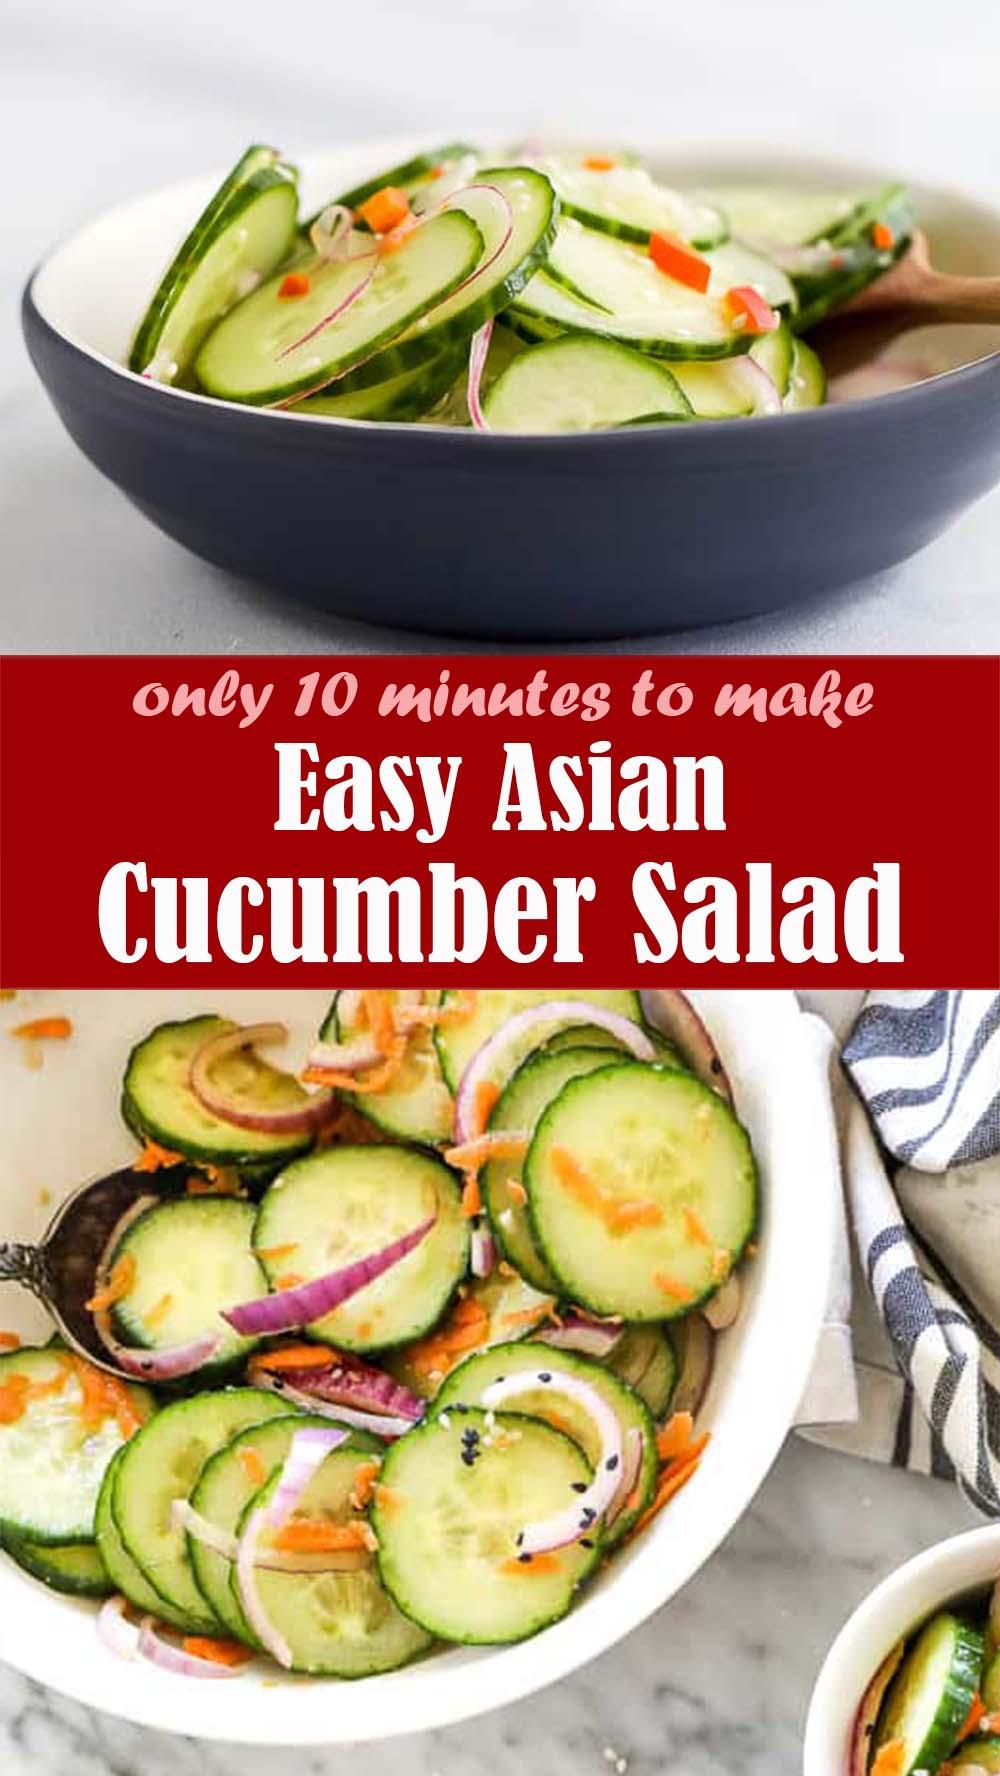 Easy Asian Cucumber Salad Recipe